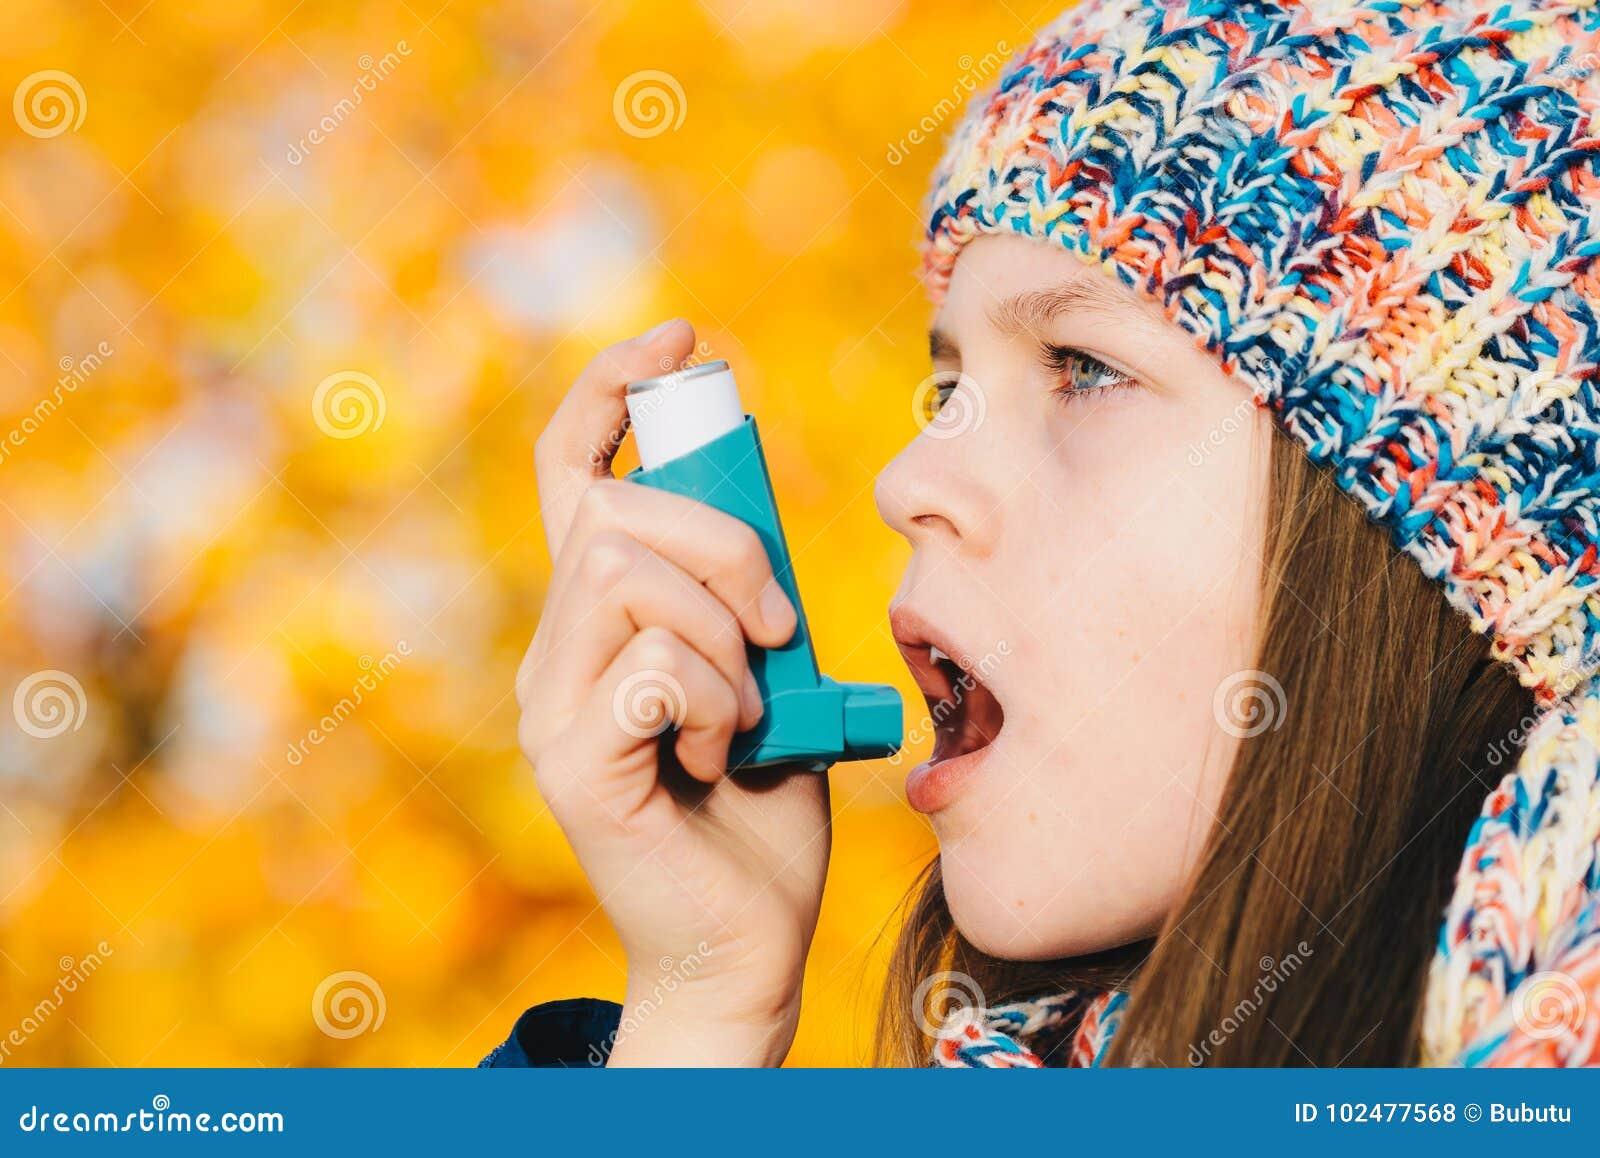 Ragazza paziente di asma che inala farmaco per il trattamento della brevità o